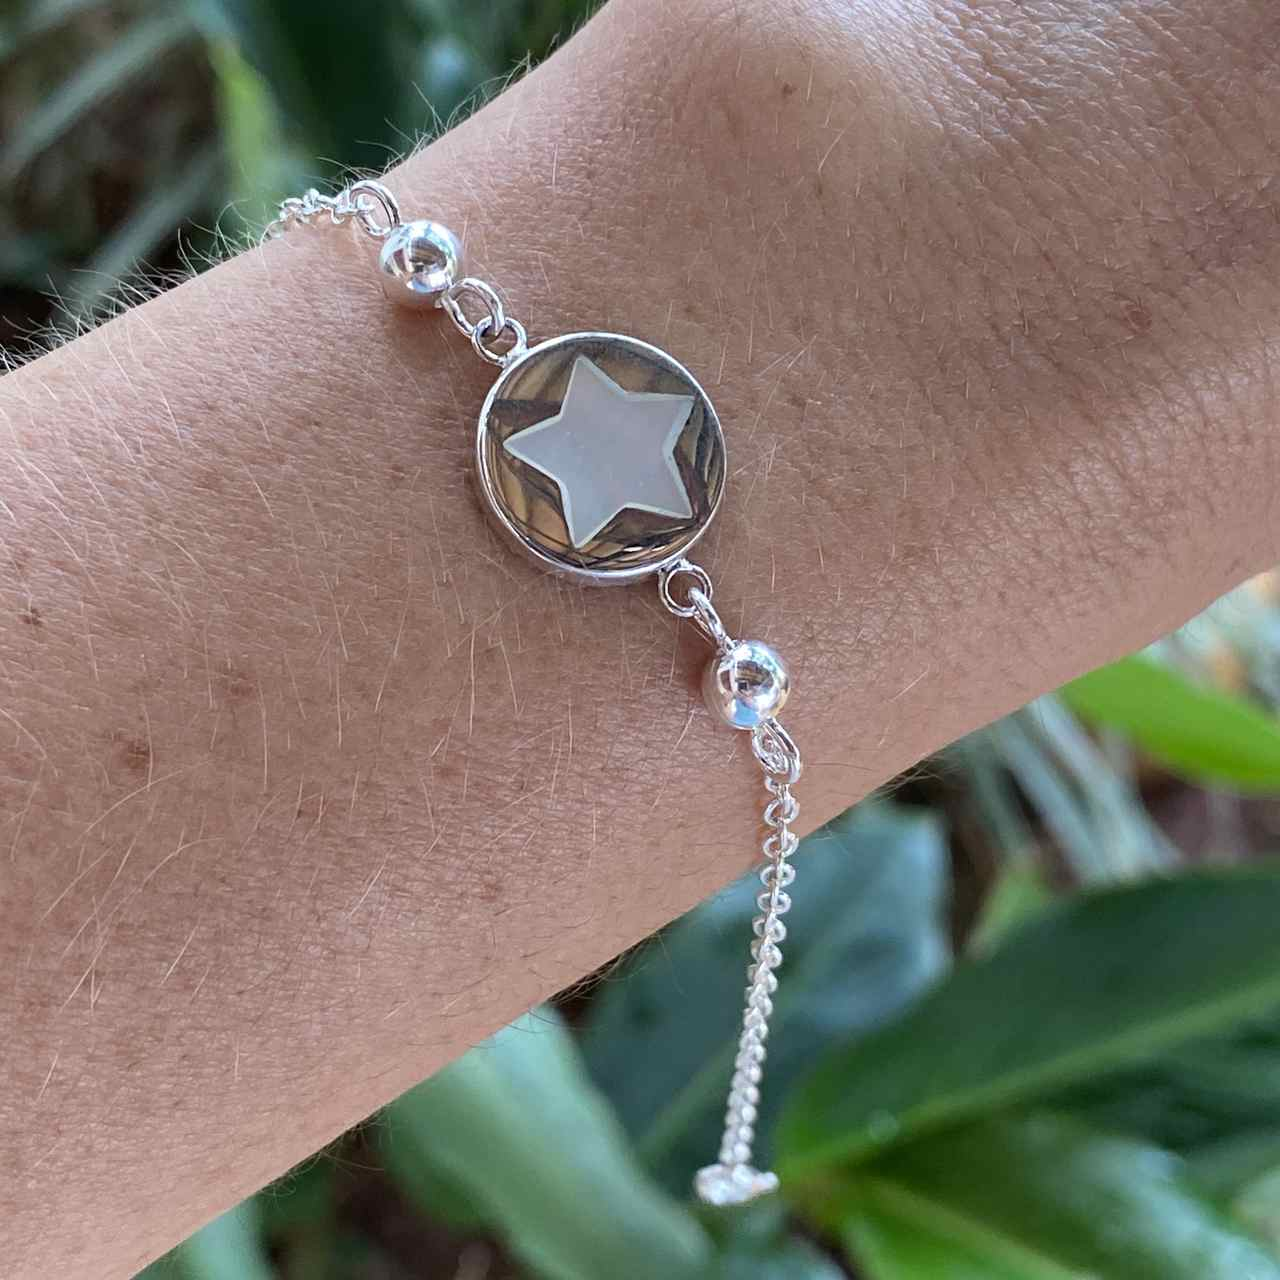 Pulseira de Prata 925 Bolinha e Estrela em Madrepérola 20cm